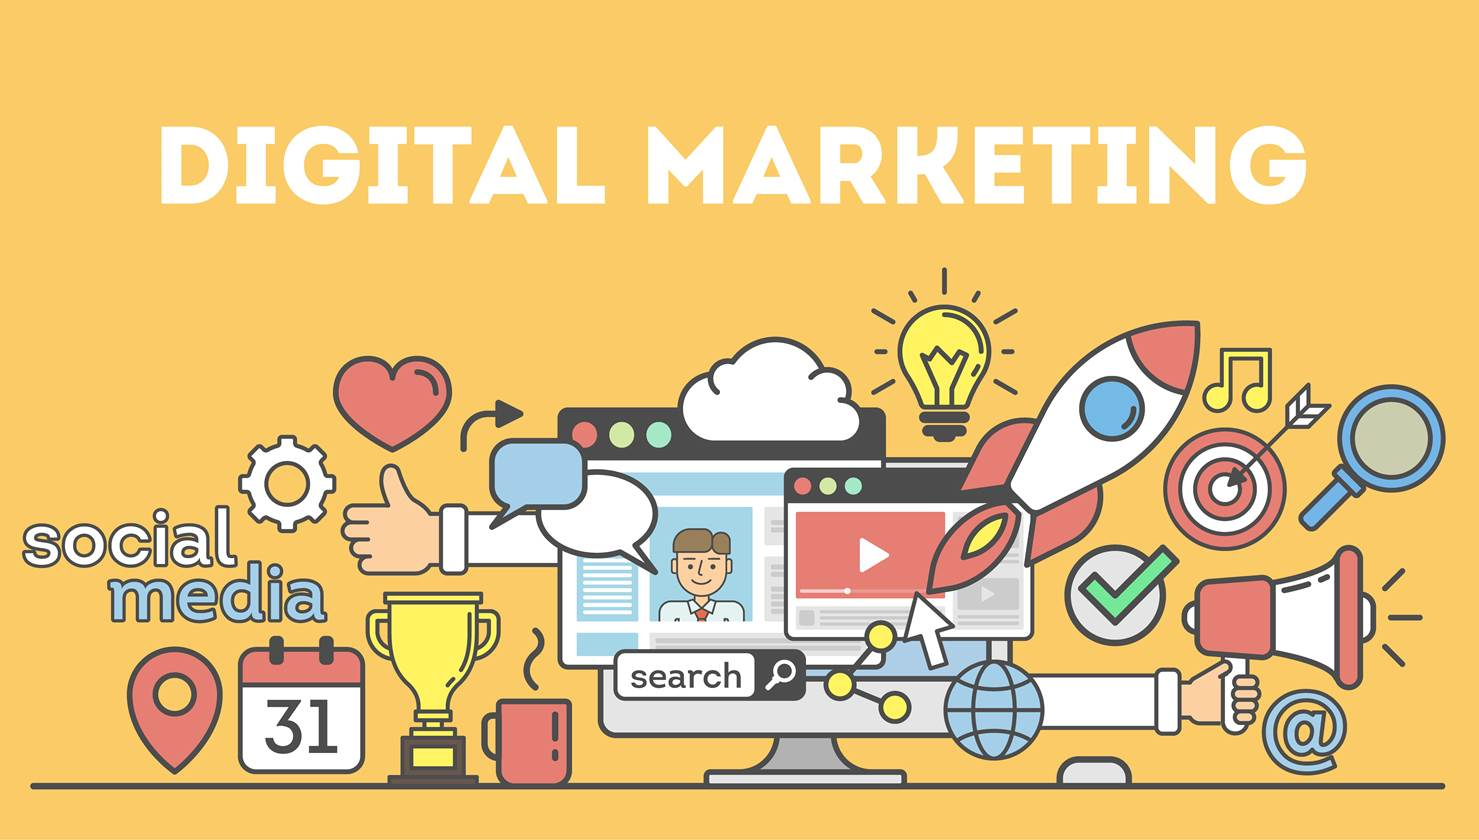 デジタルマーケティングとは~Webマーケティングの違いから今必要な理由~